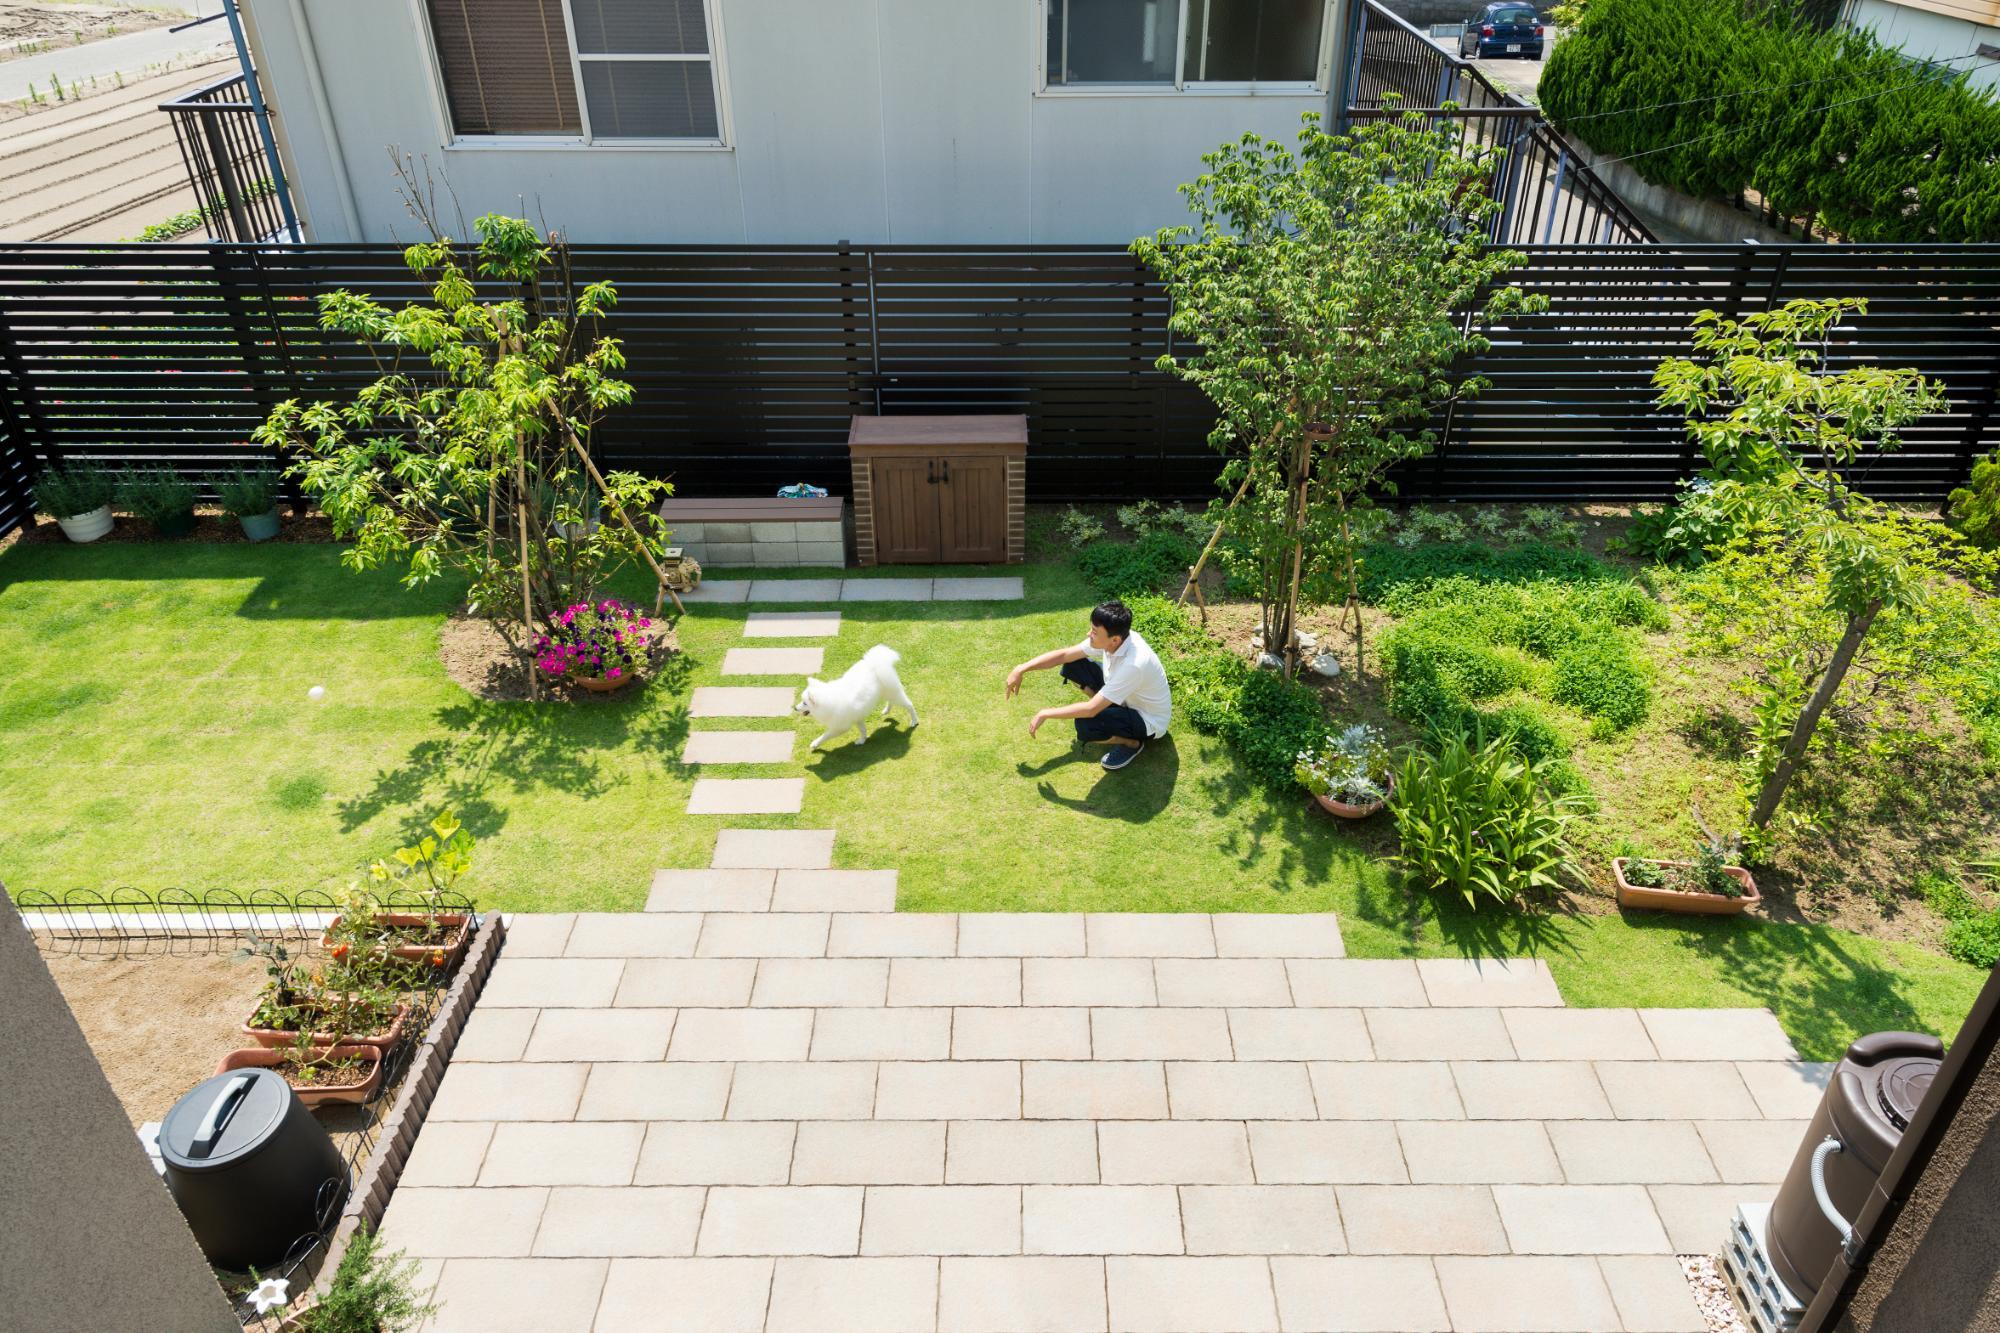 庭とデッキを囲んだ開放感あふれる家の写真1